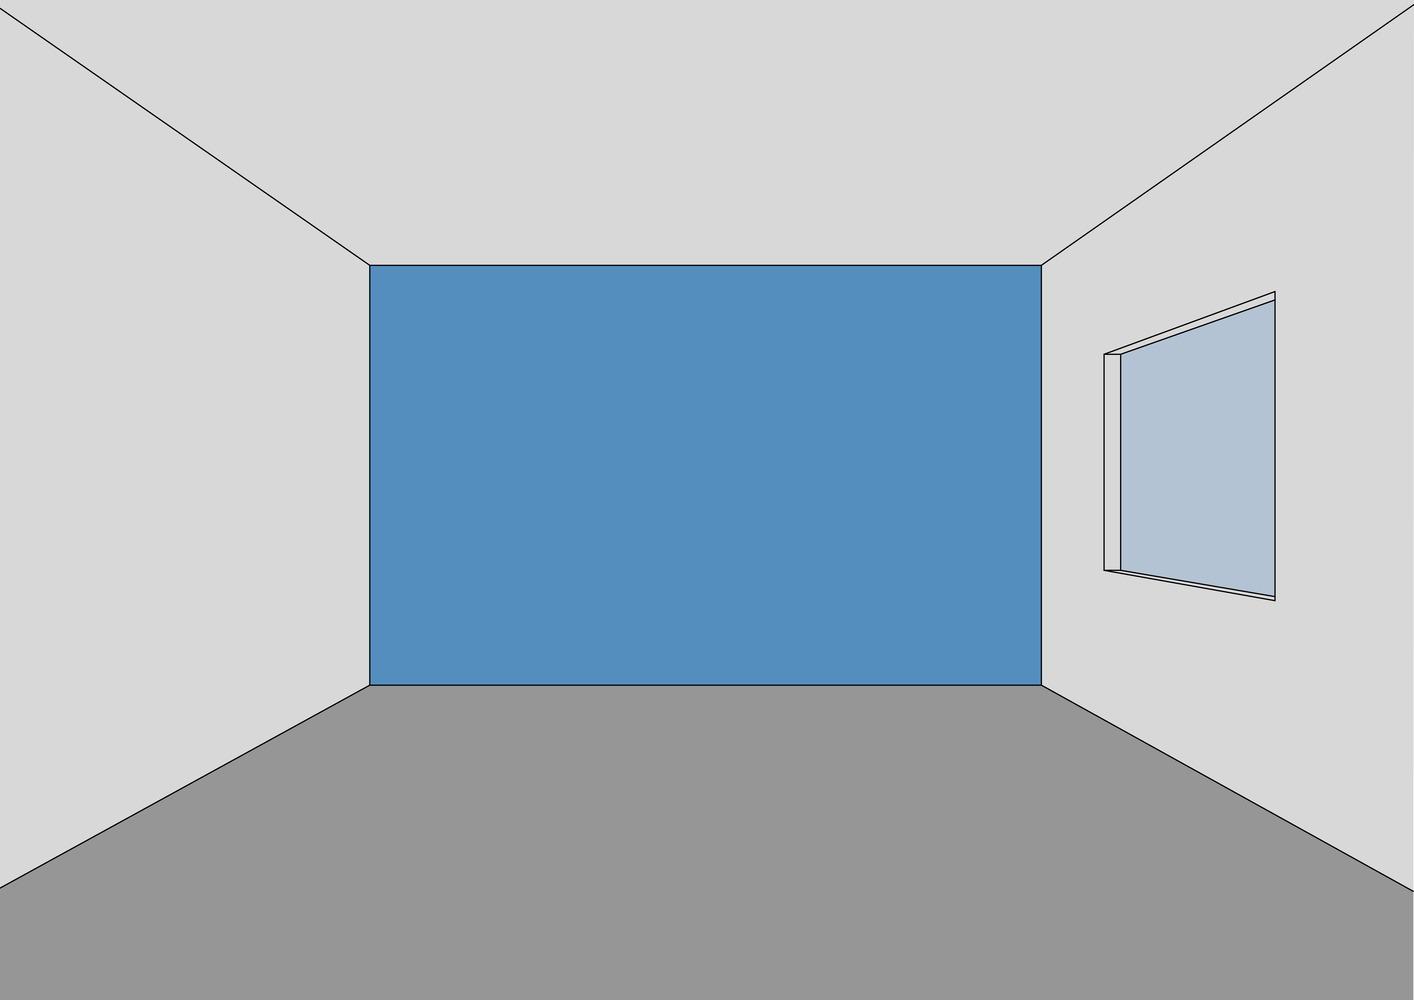 Chỉ với bức tường phía sau sơn màu đậm hơn, căn phòng trở nên có chiều sâu và điểm nhấn hơn, không tạo cảm giác trống trải như trước.